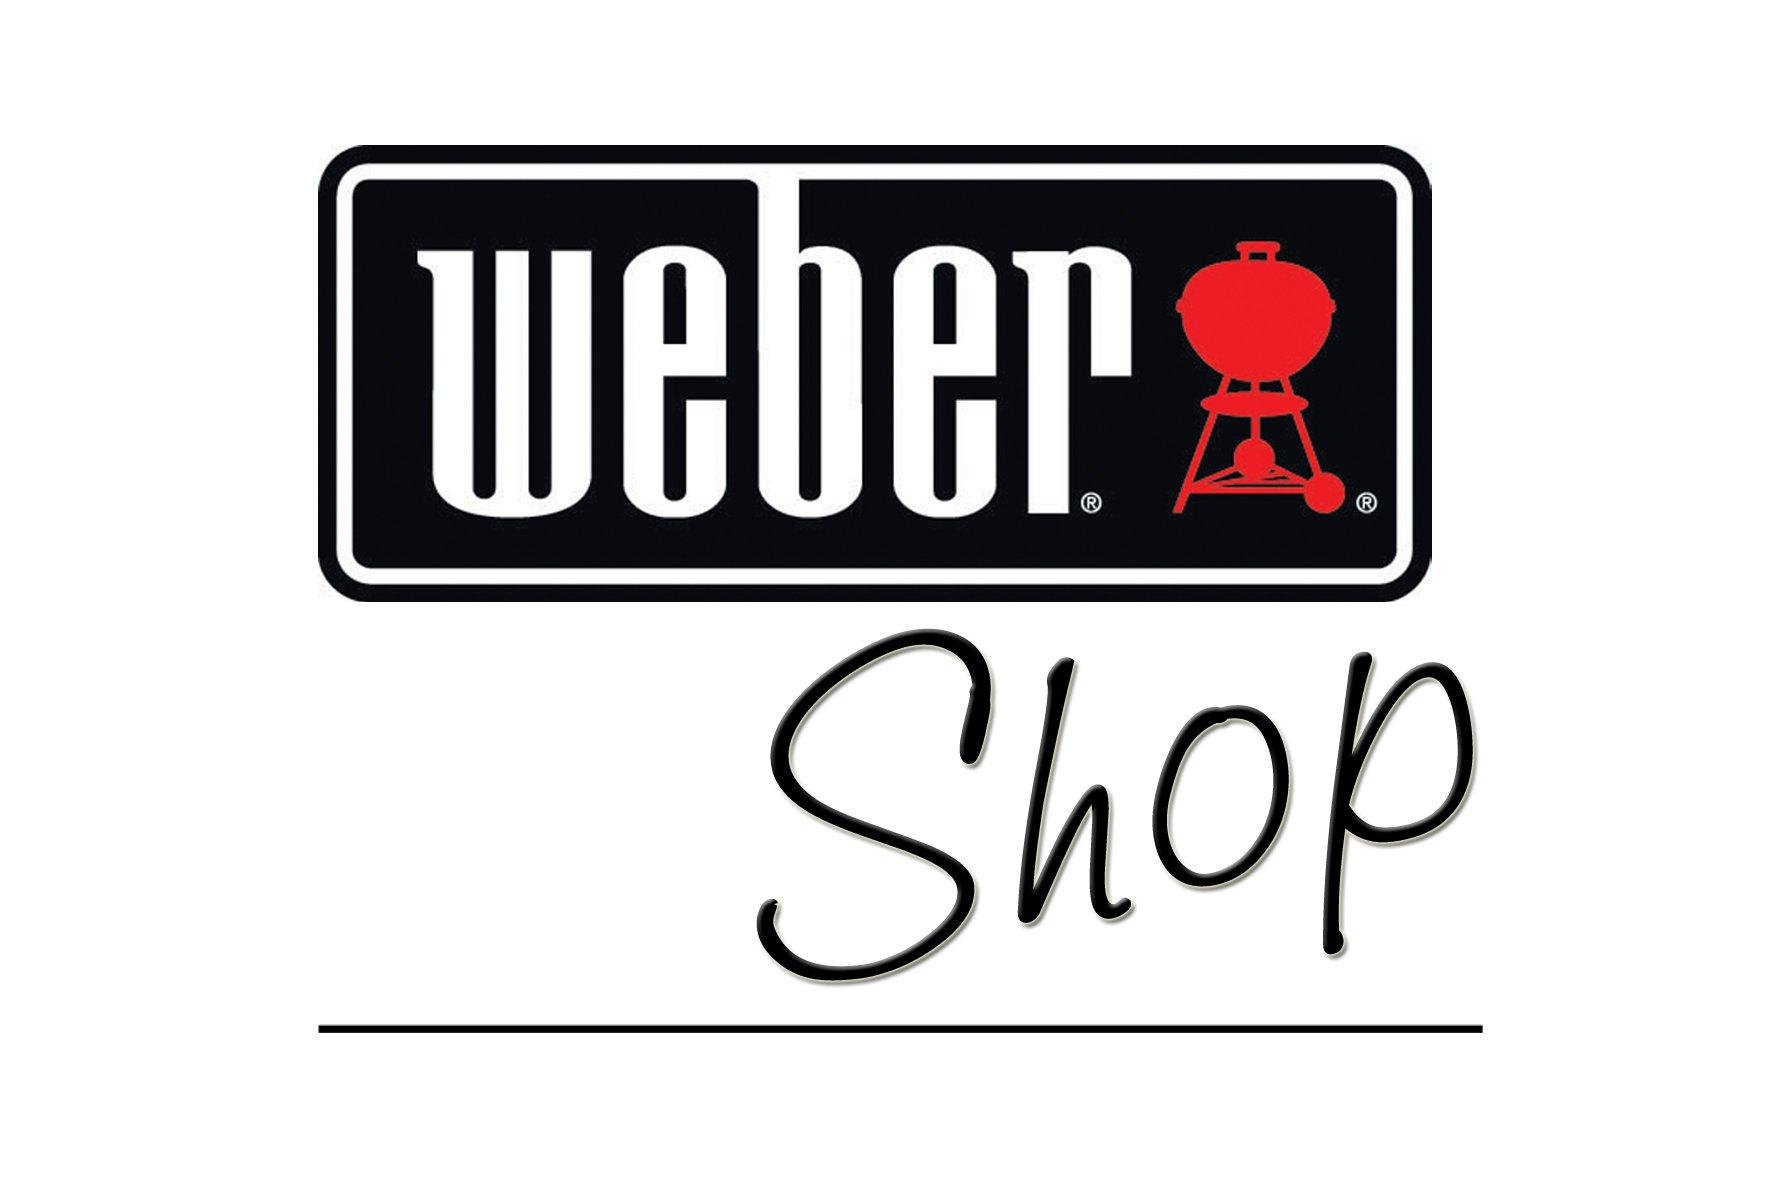 Weber Shop